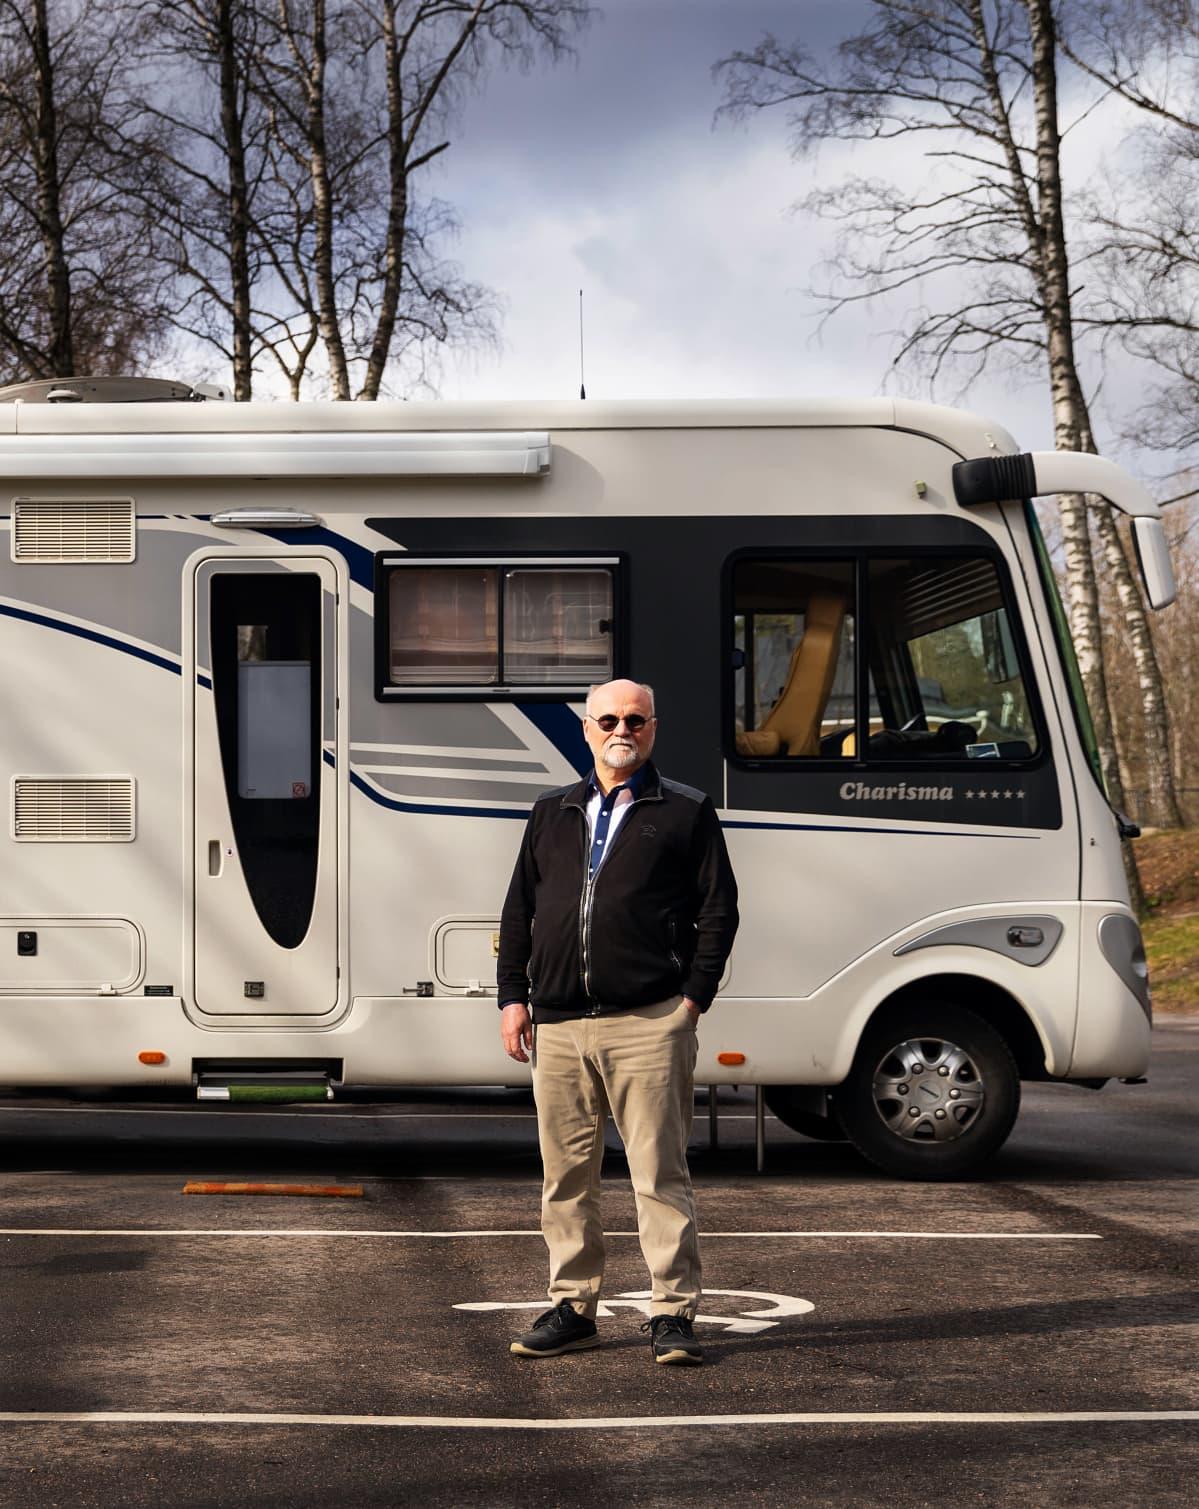 Hallitusammattilainen Jarmo R. Lehtinen asuntoautonsa edustalla.